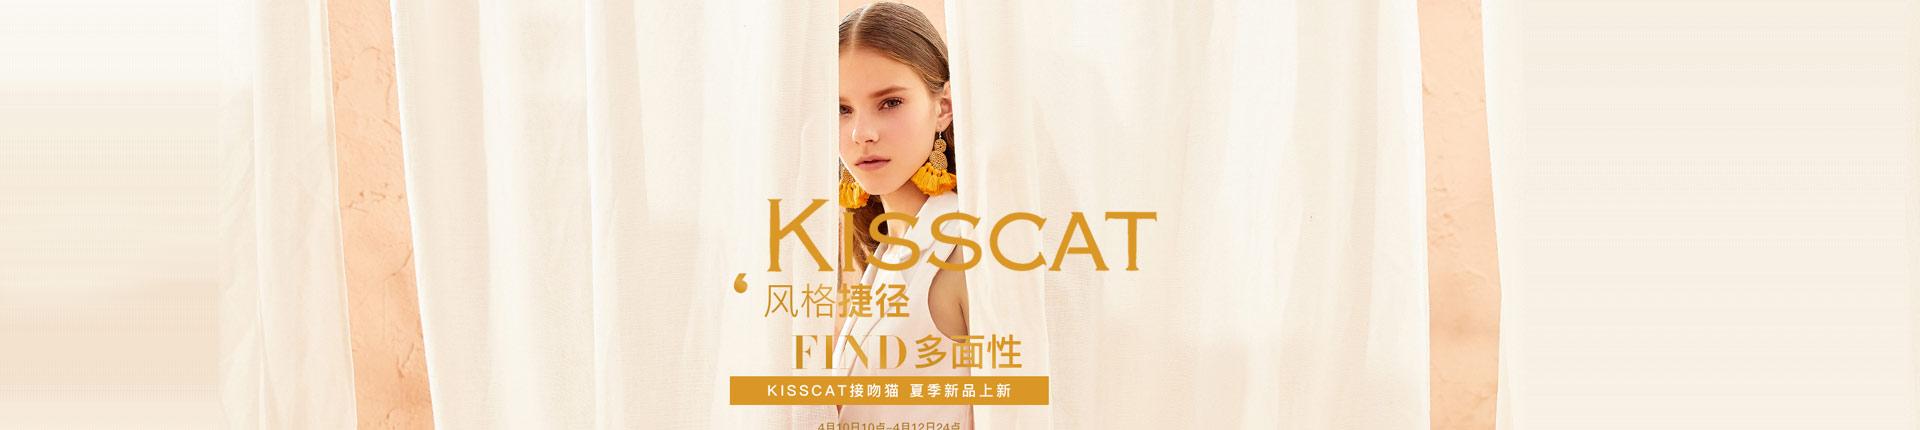 接吻貓官方網站